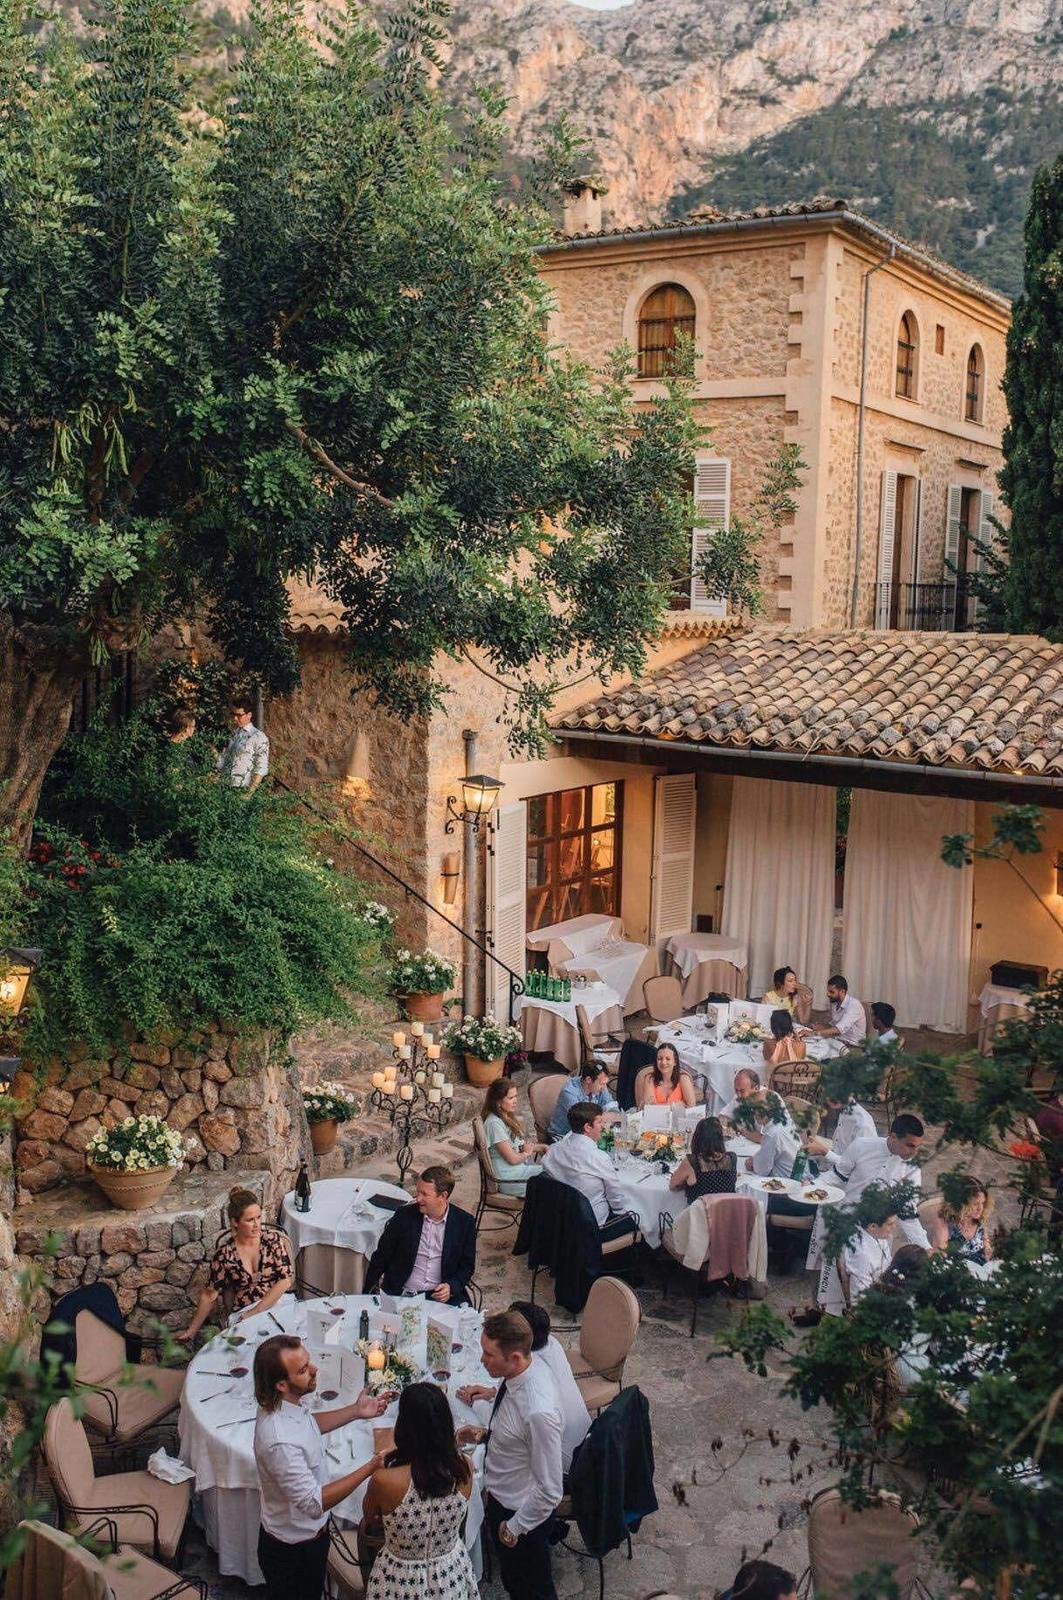 Romantická místa - zásnuby či dokonce svatba? - Obrázek č. 60